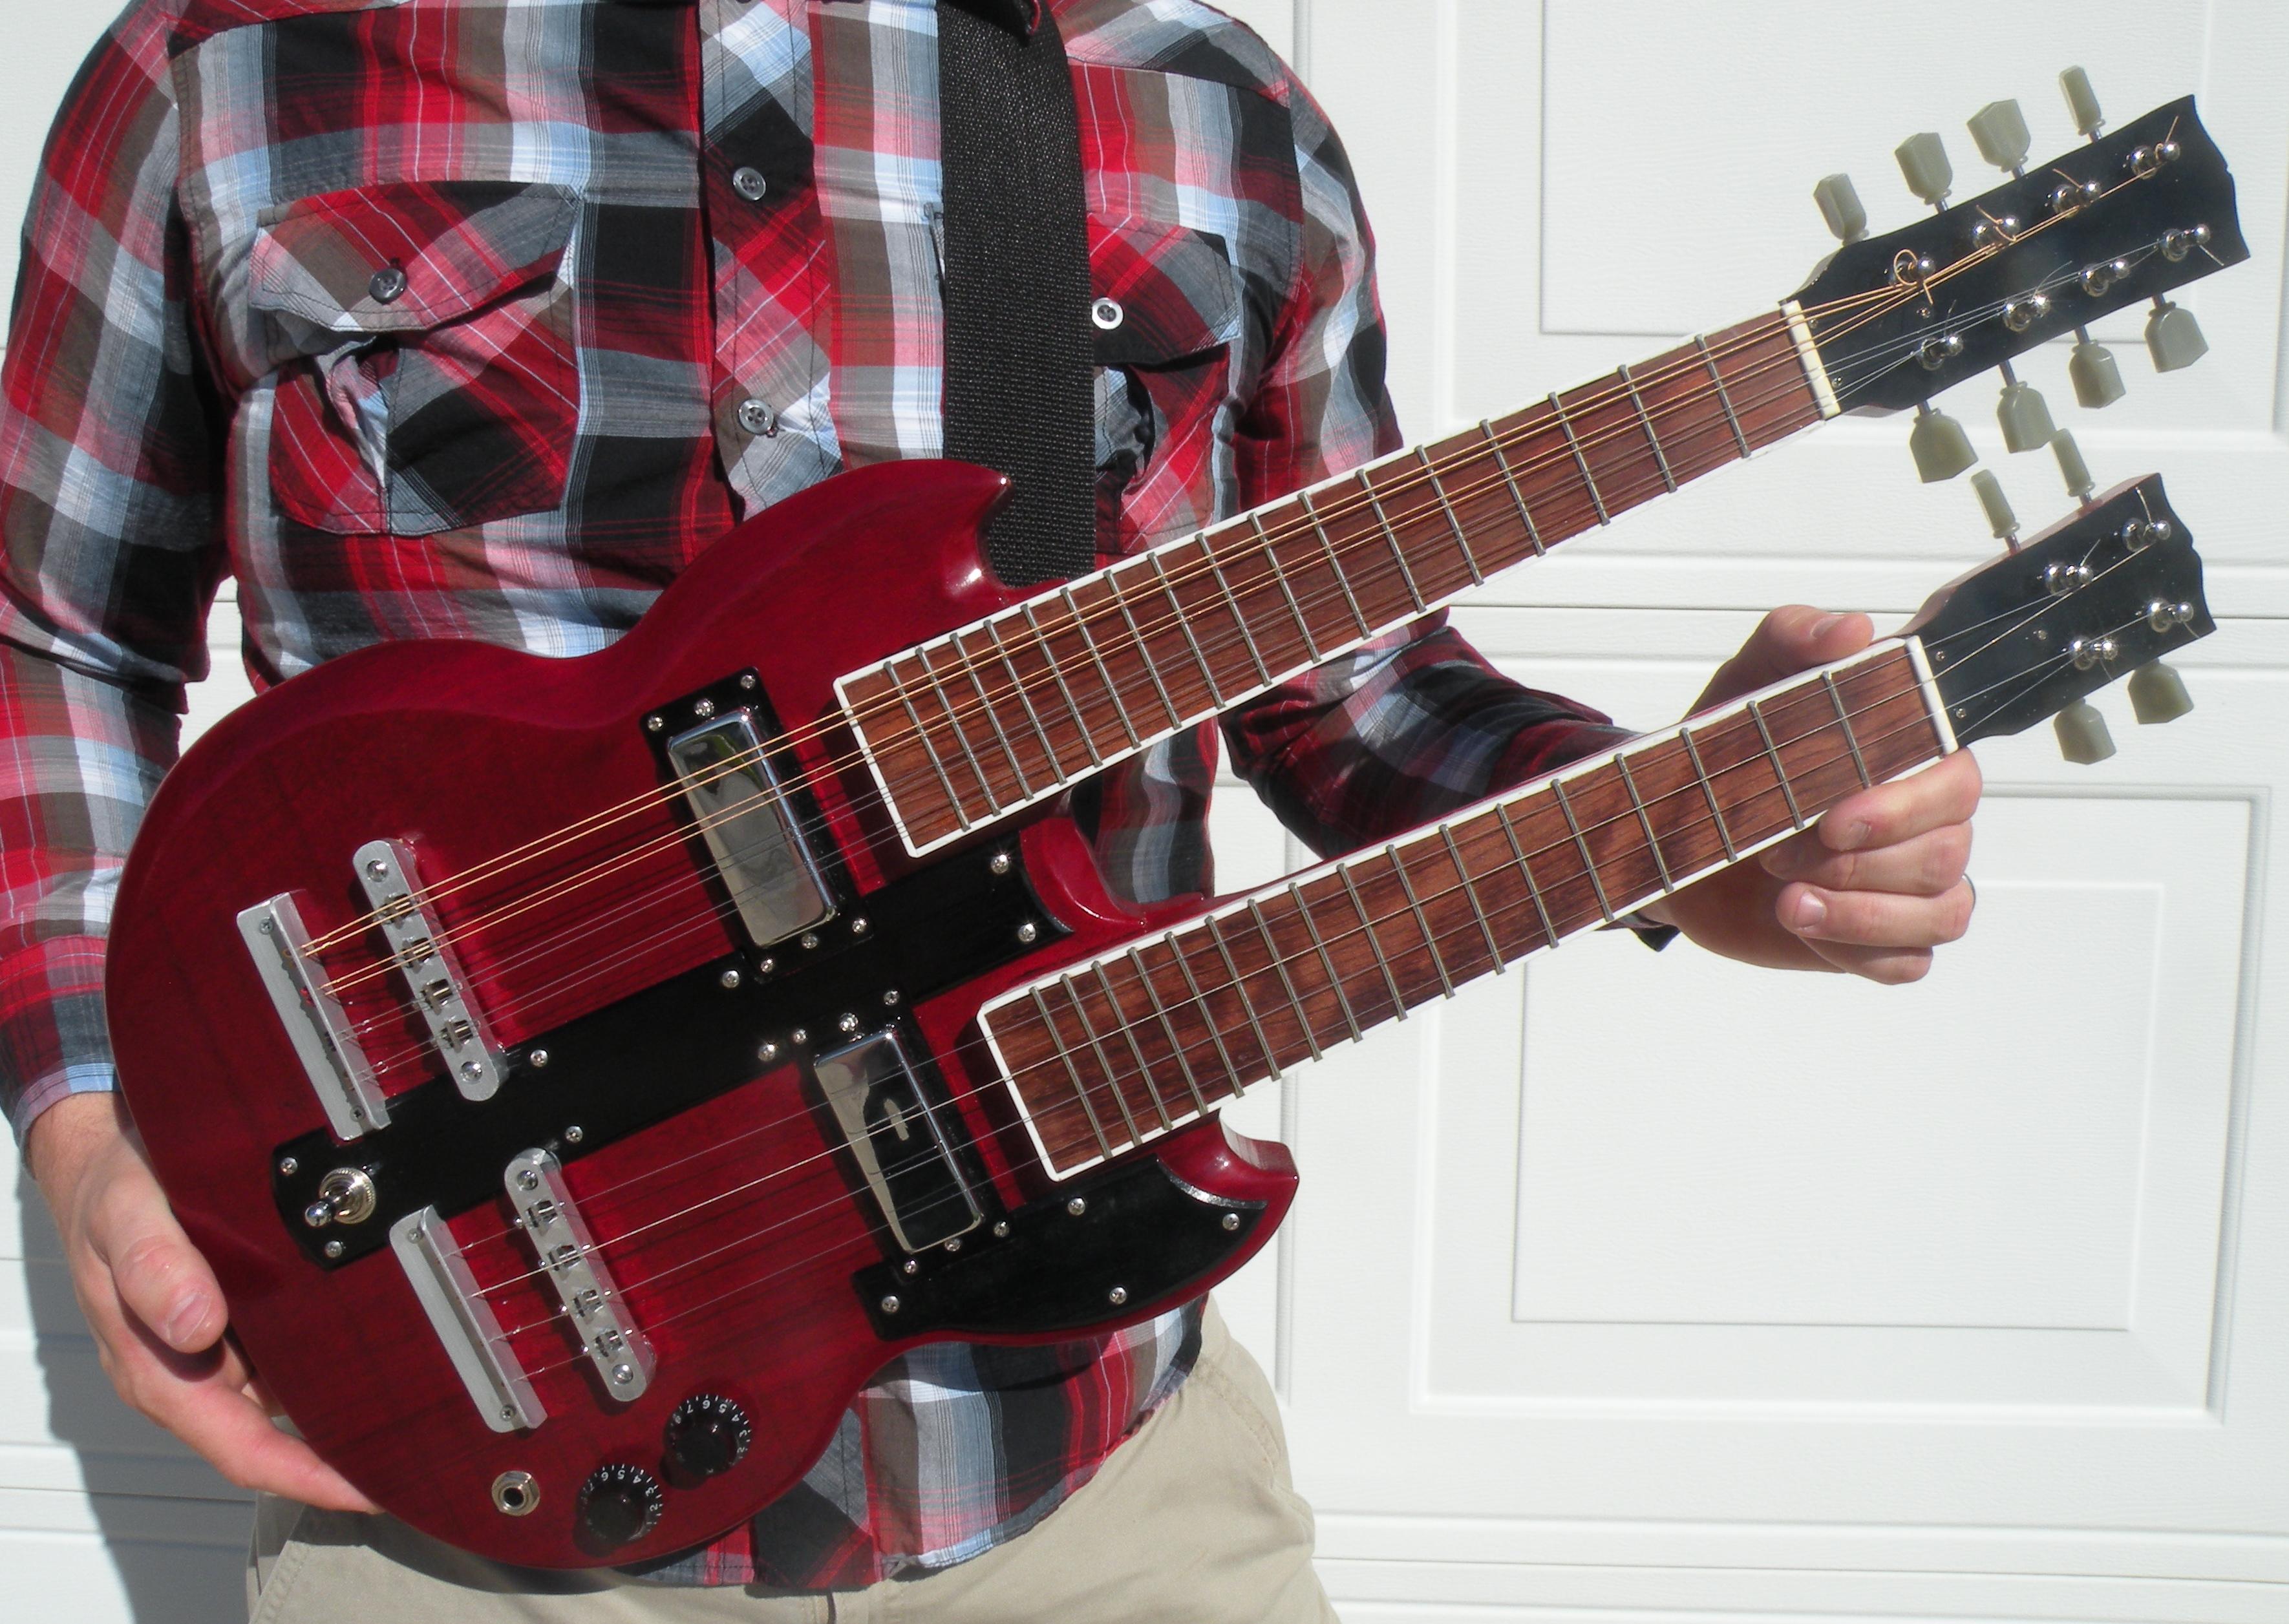 made me glad guitar tutorial